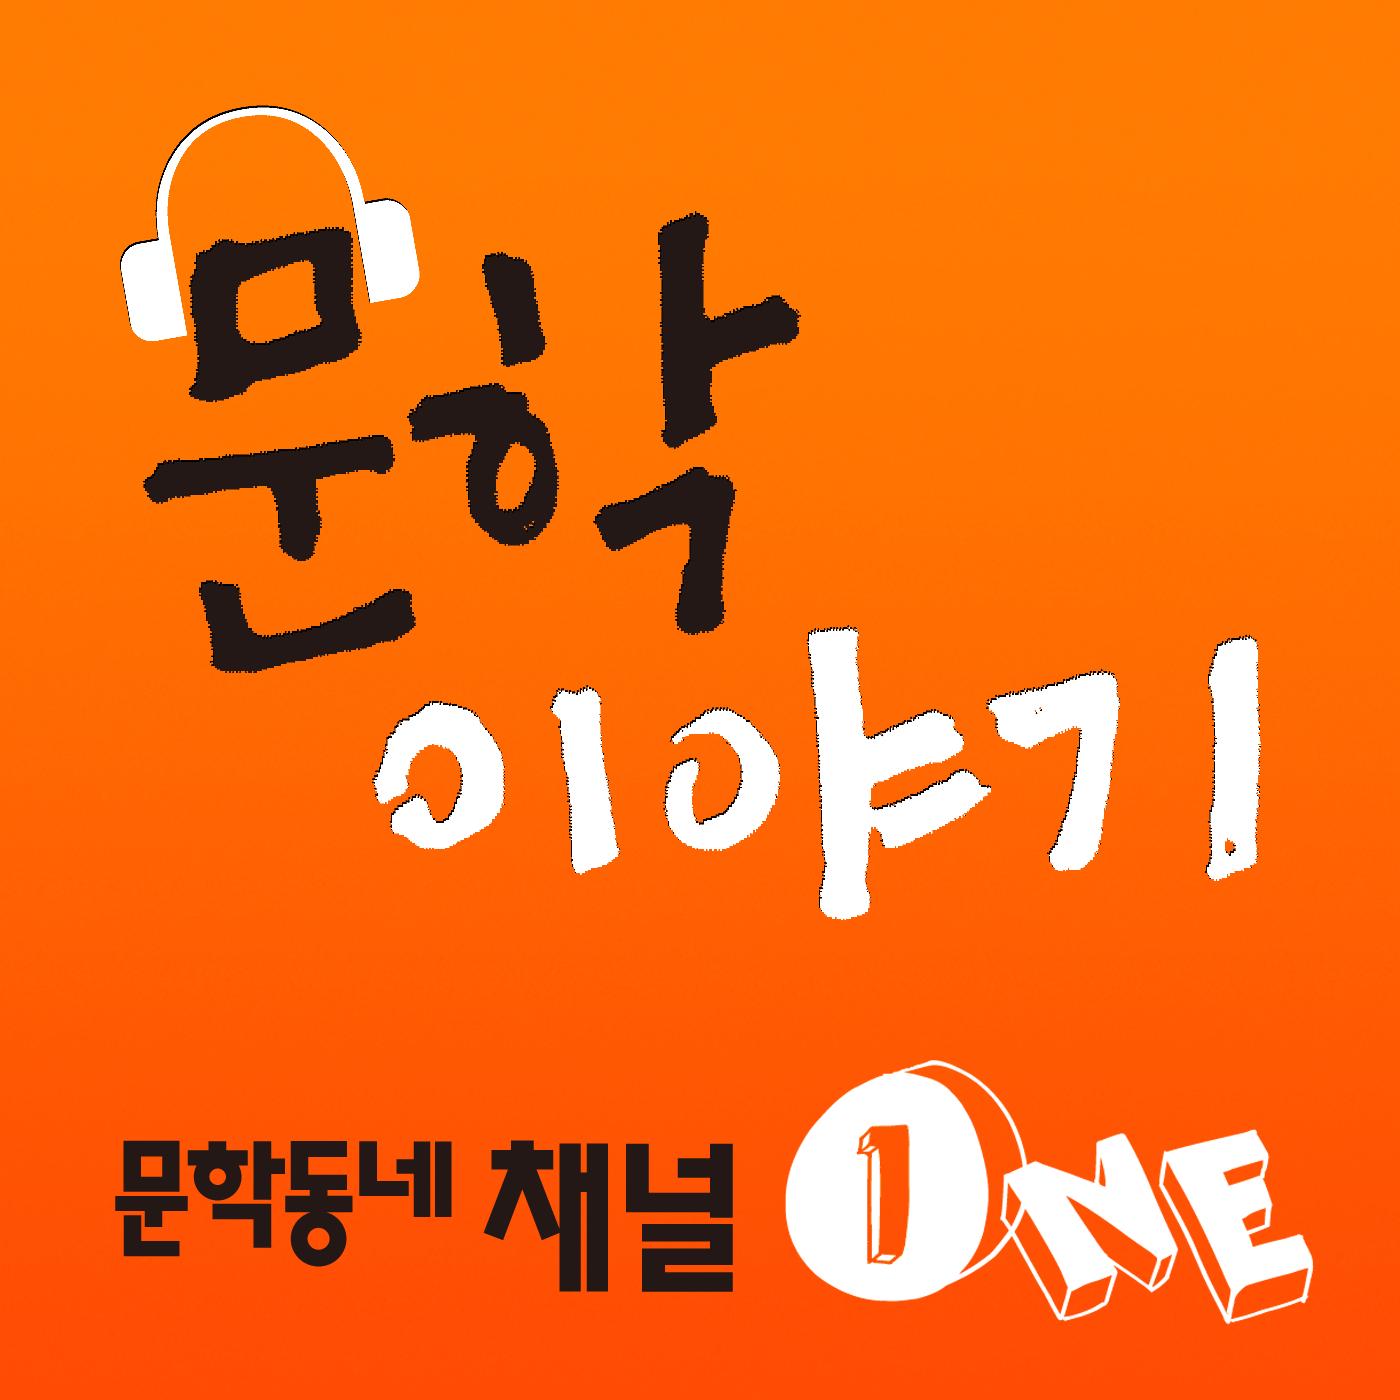 문학 이야기 제34회_이기호 단편소설 「탄원의 문장」